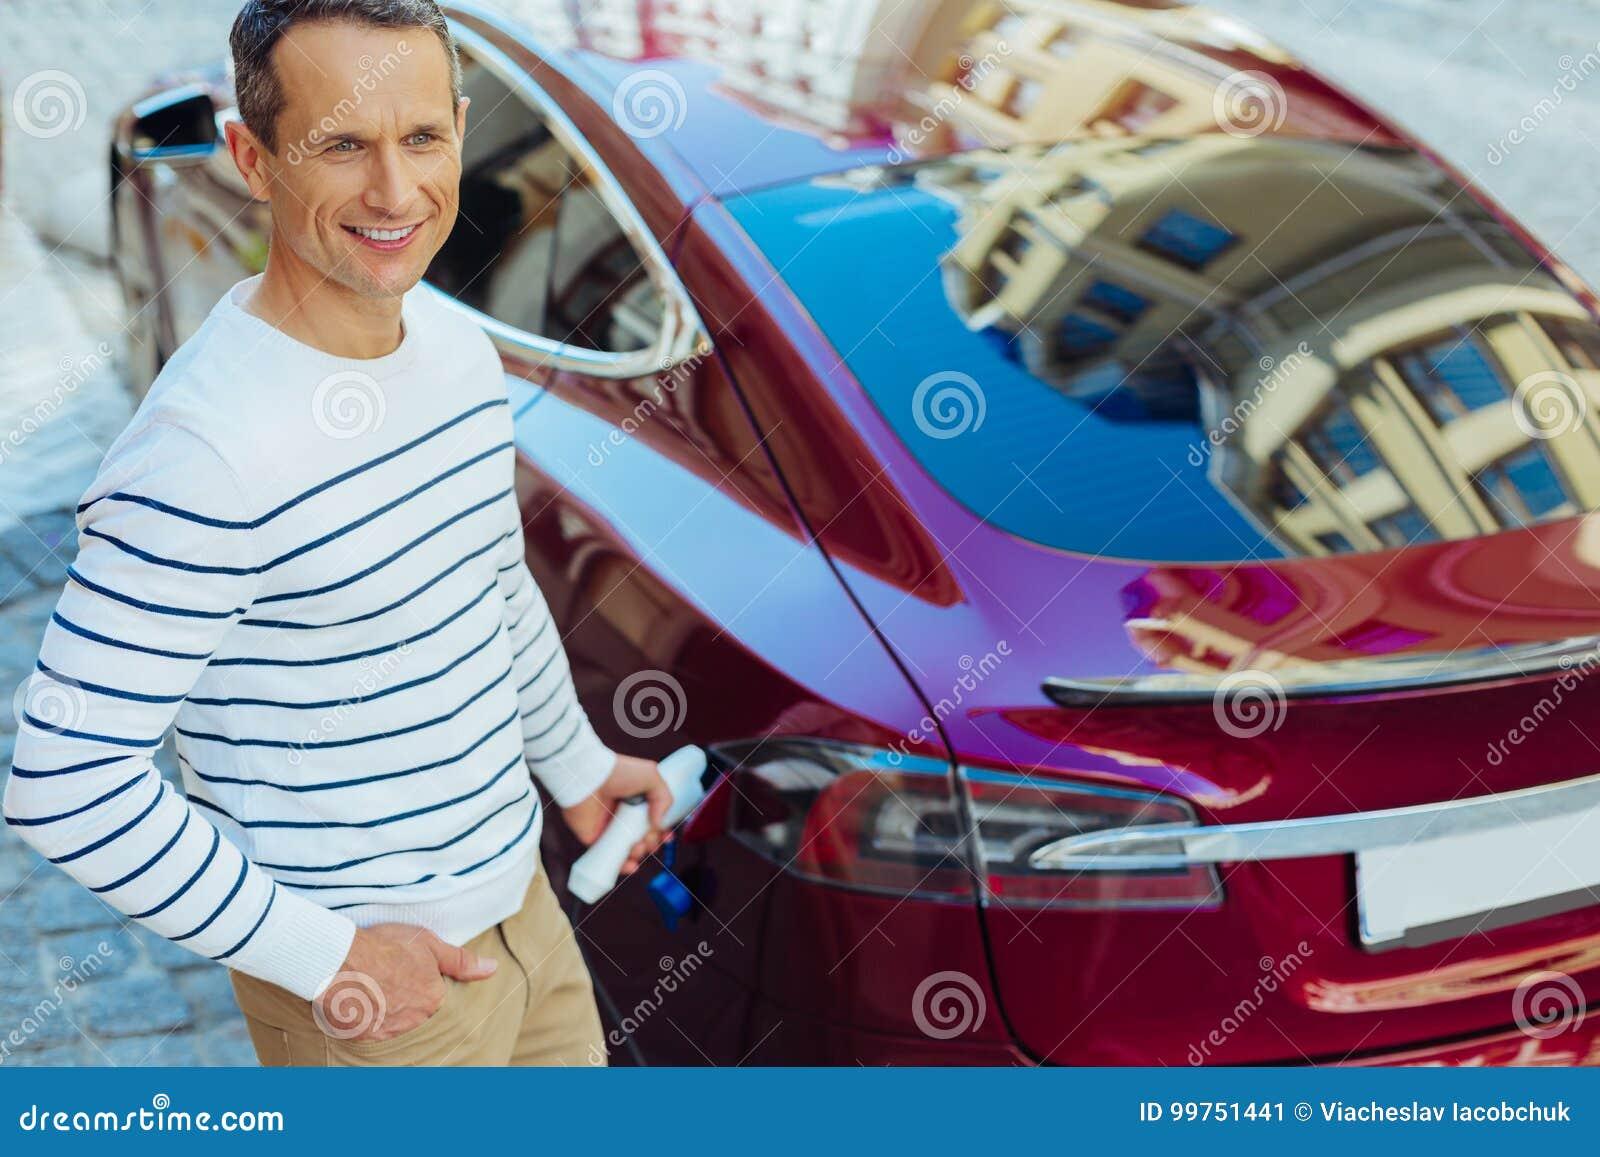 Zadowolony ładny mężczyzna stawia paliwowego nozzle w samochód